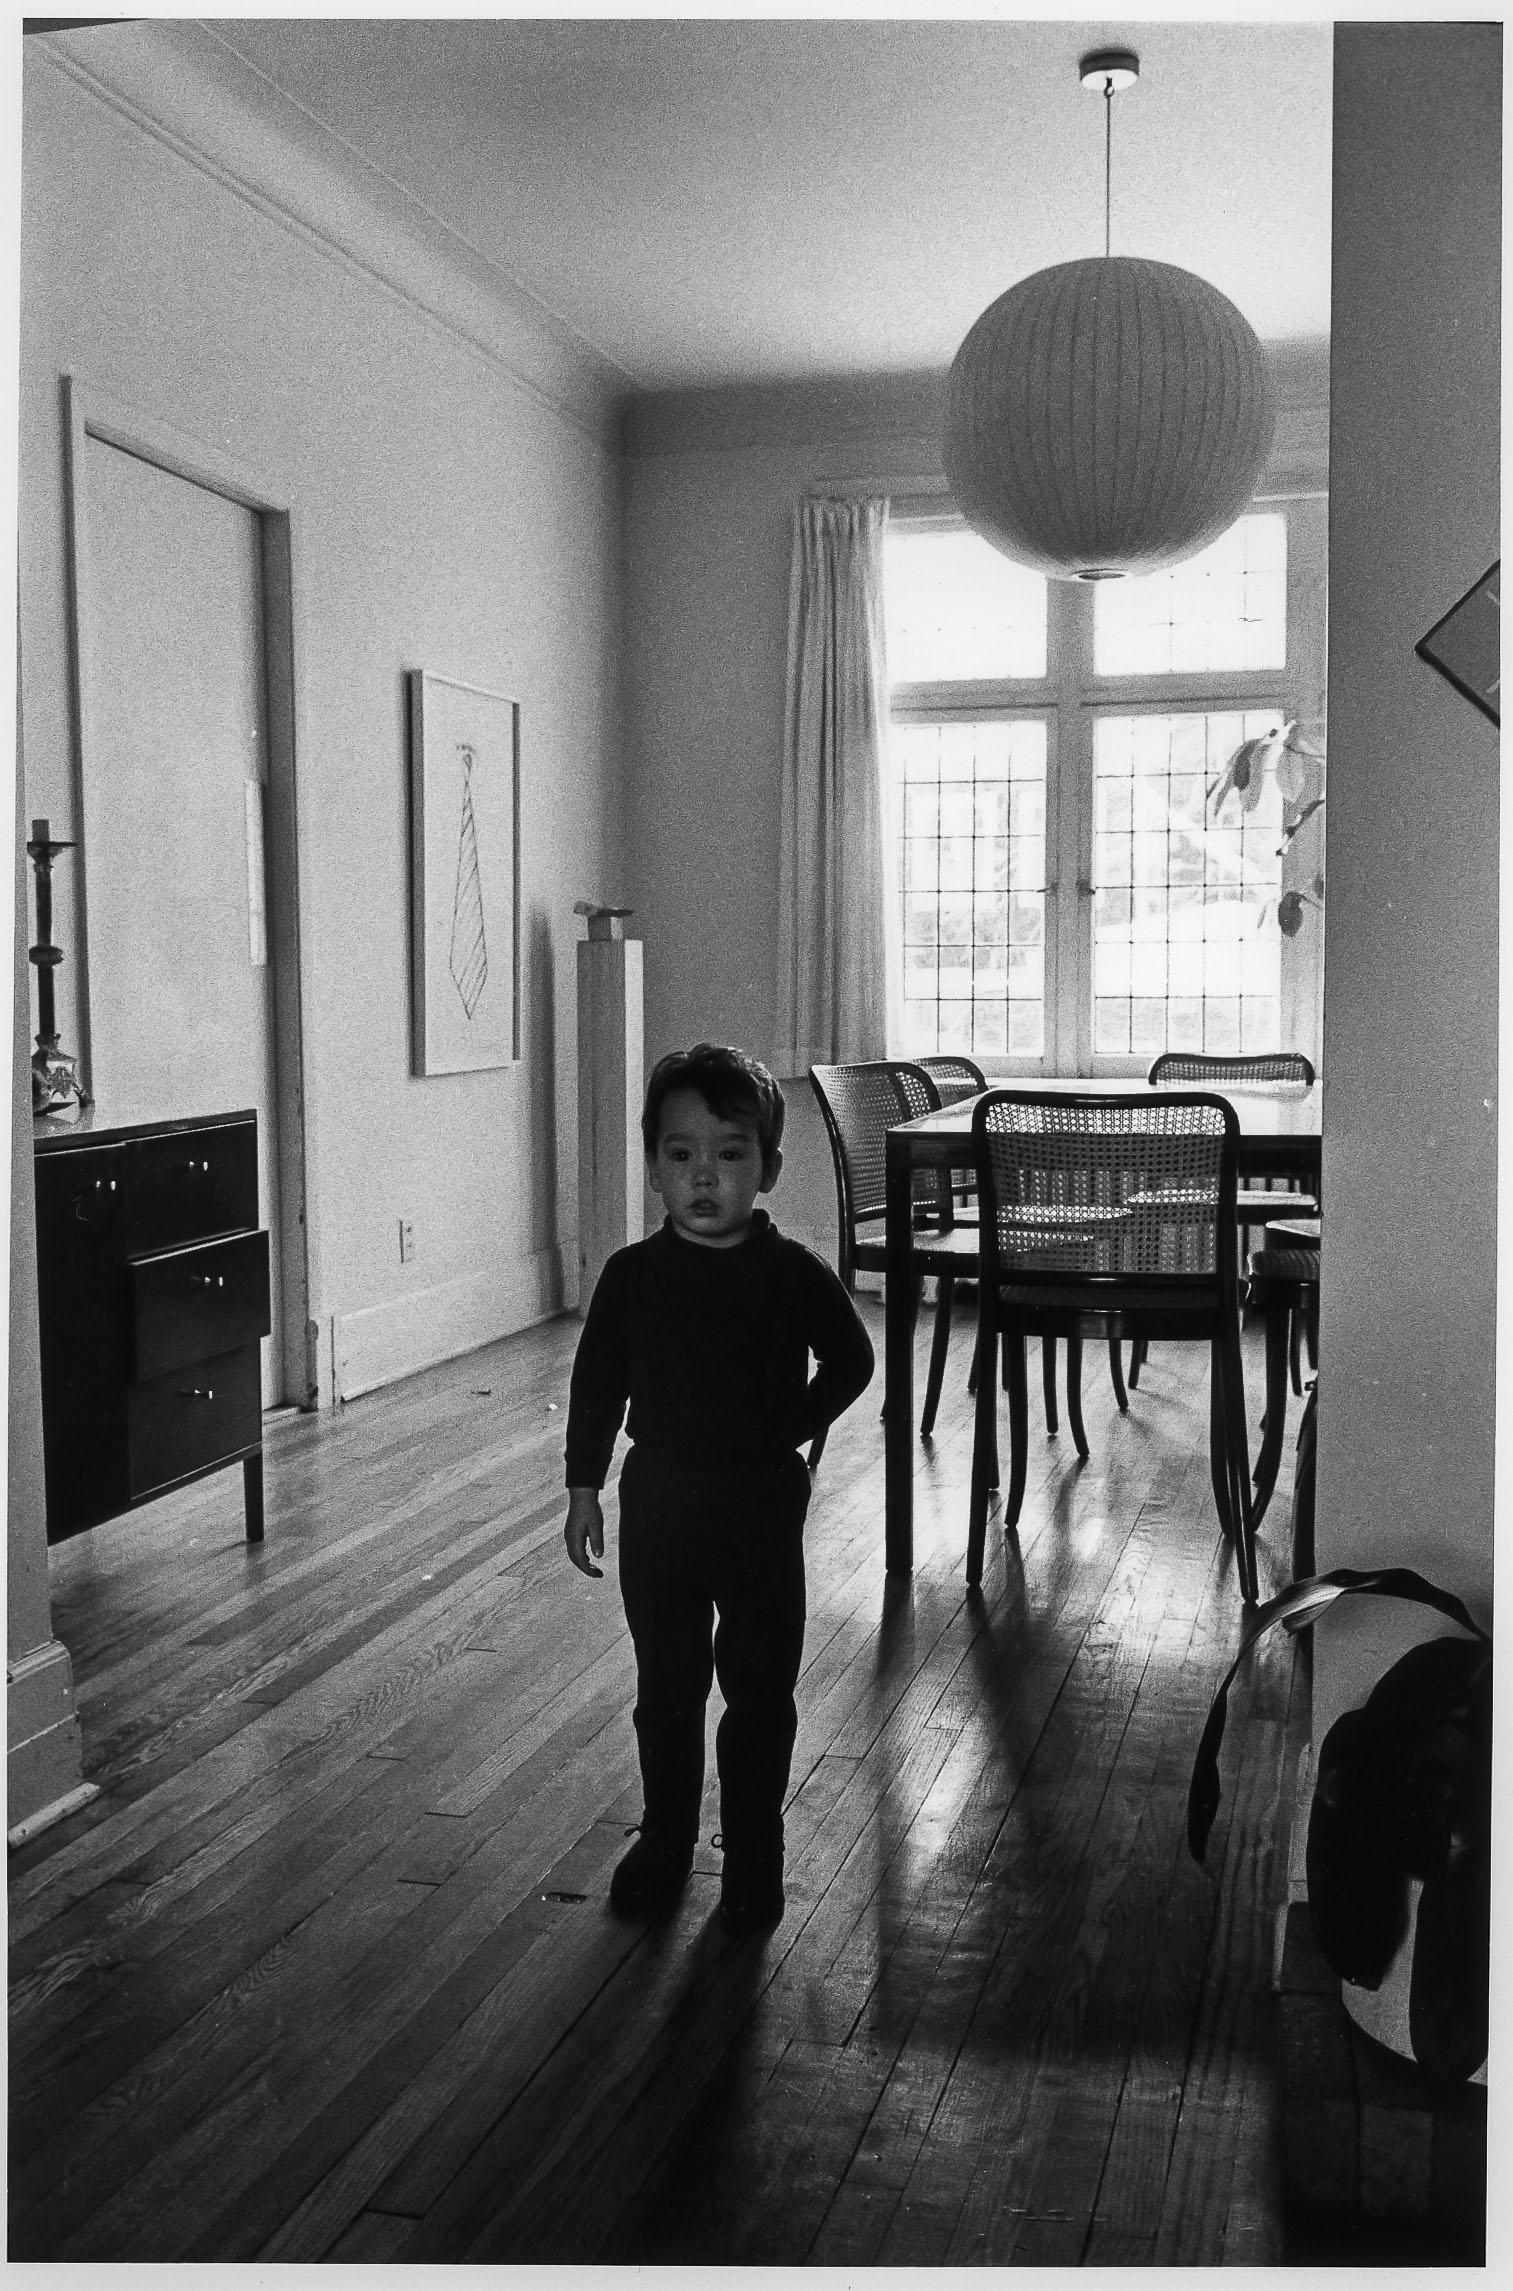 Eames, rue Addington, circa 1966